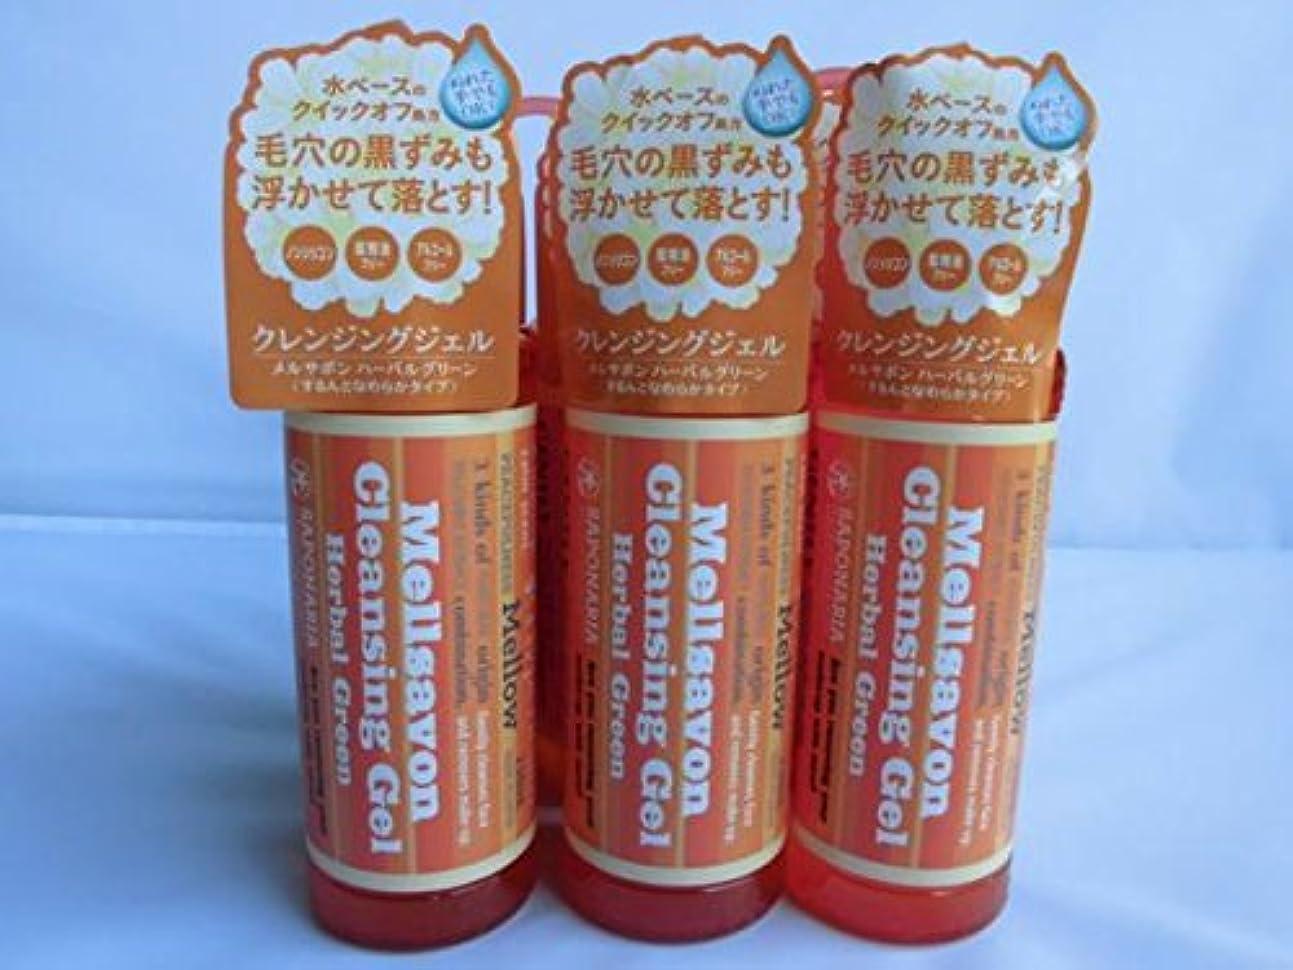 【6個セット】 [メルサボン]クレンジングジェル(ハーバルグリーン)【6個セット】